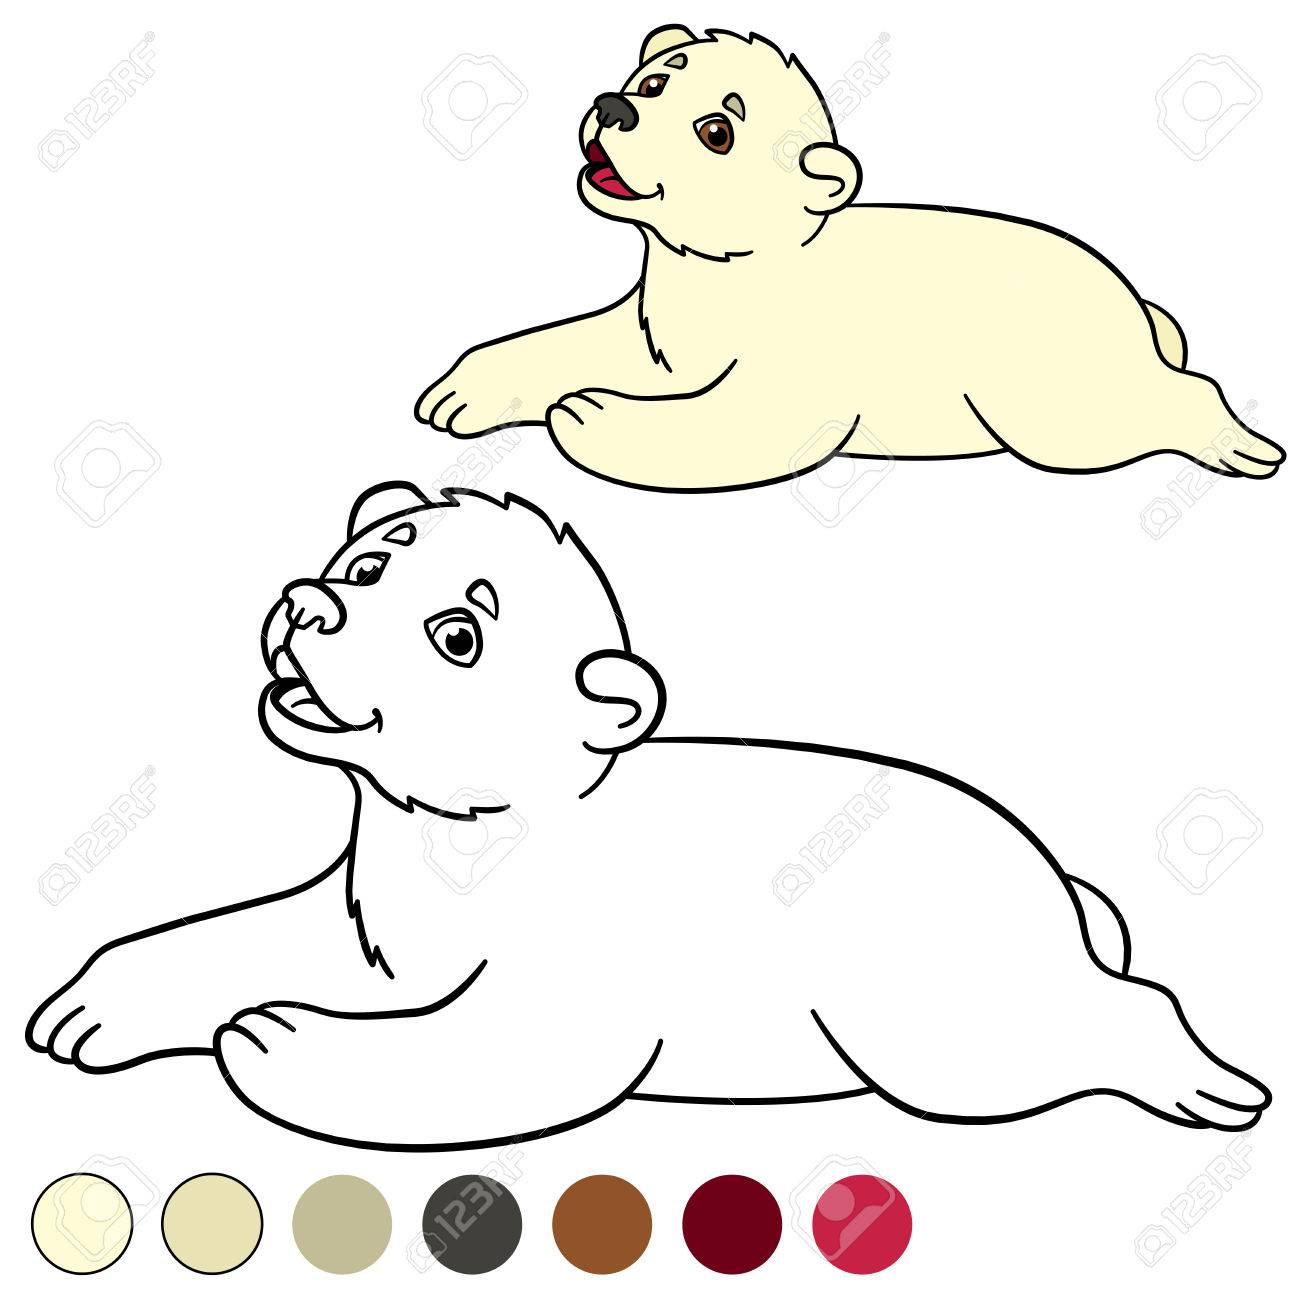 Dibujo Para Colorear. Sonrisitas Del Oso Polar Del Bebé Lindo ...